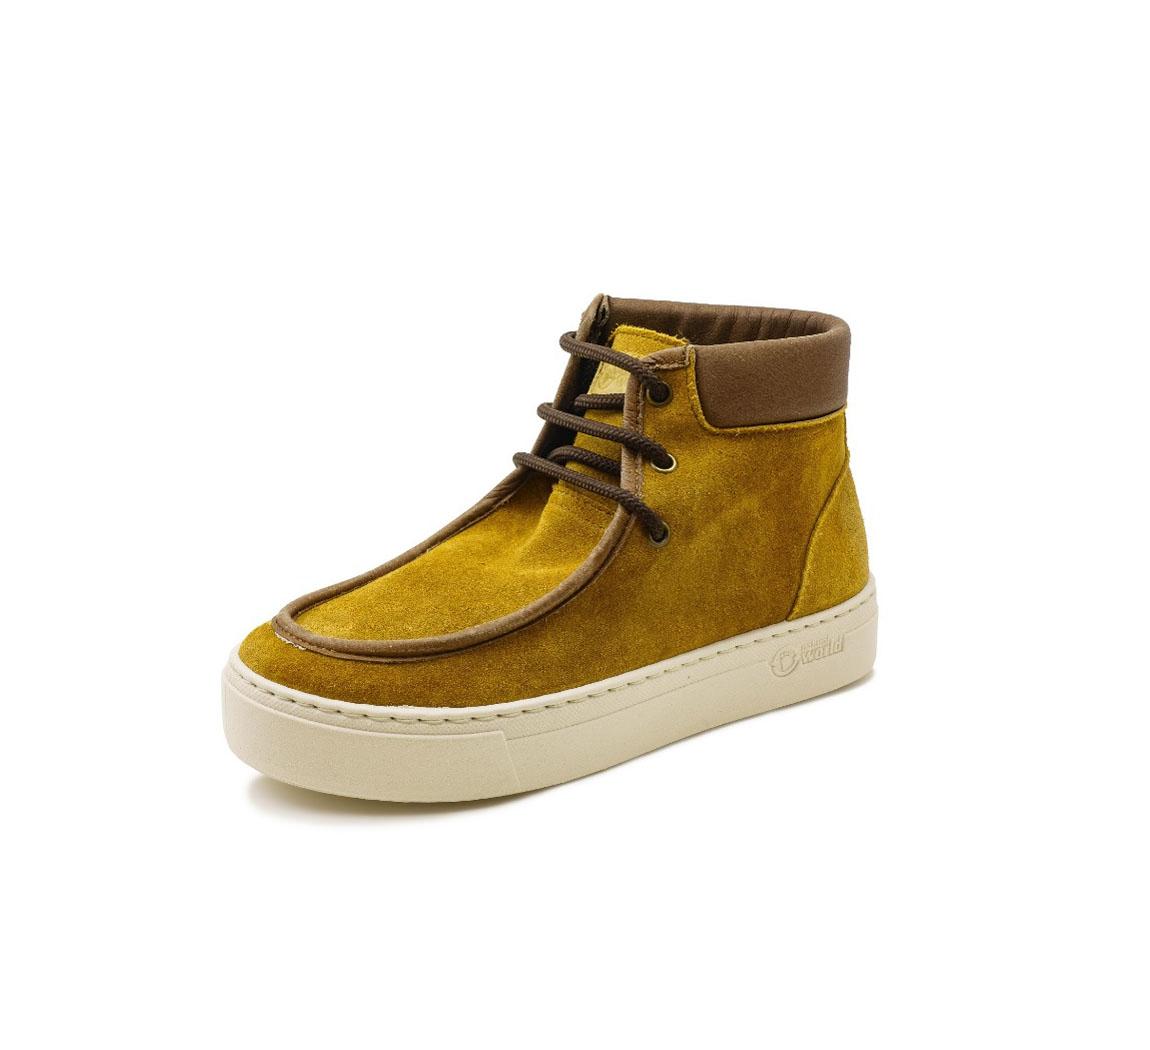 Chaussure montante écologique vegan daim Chaussure Montante Lice